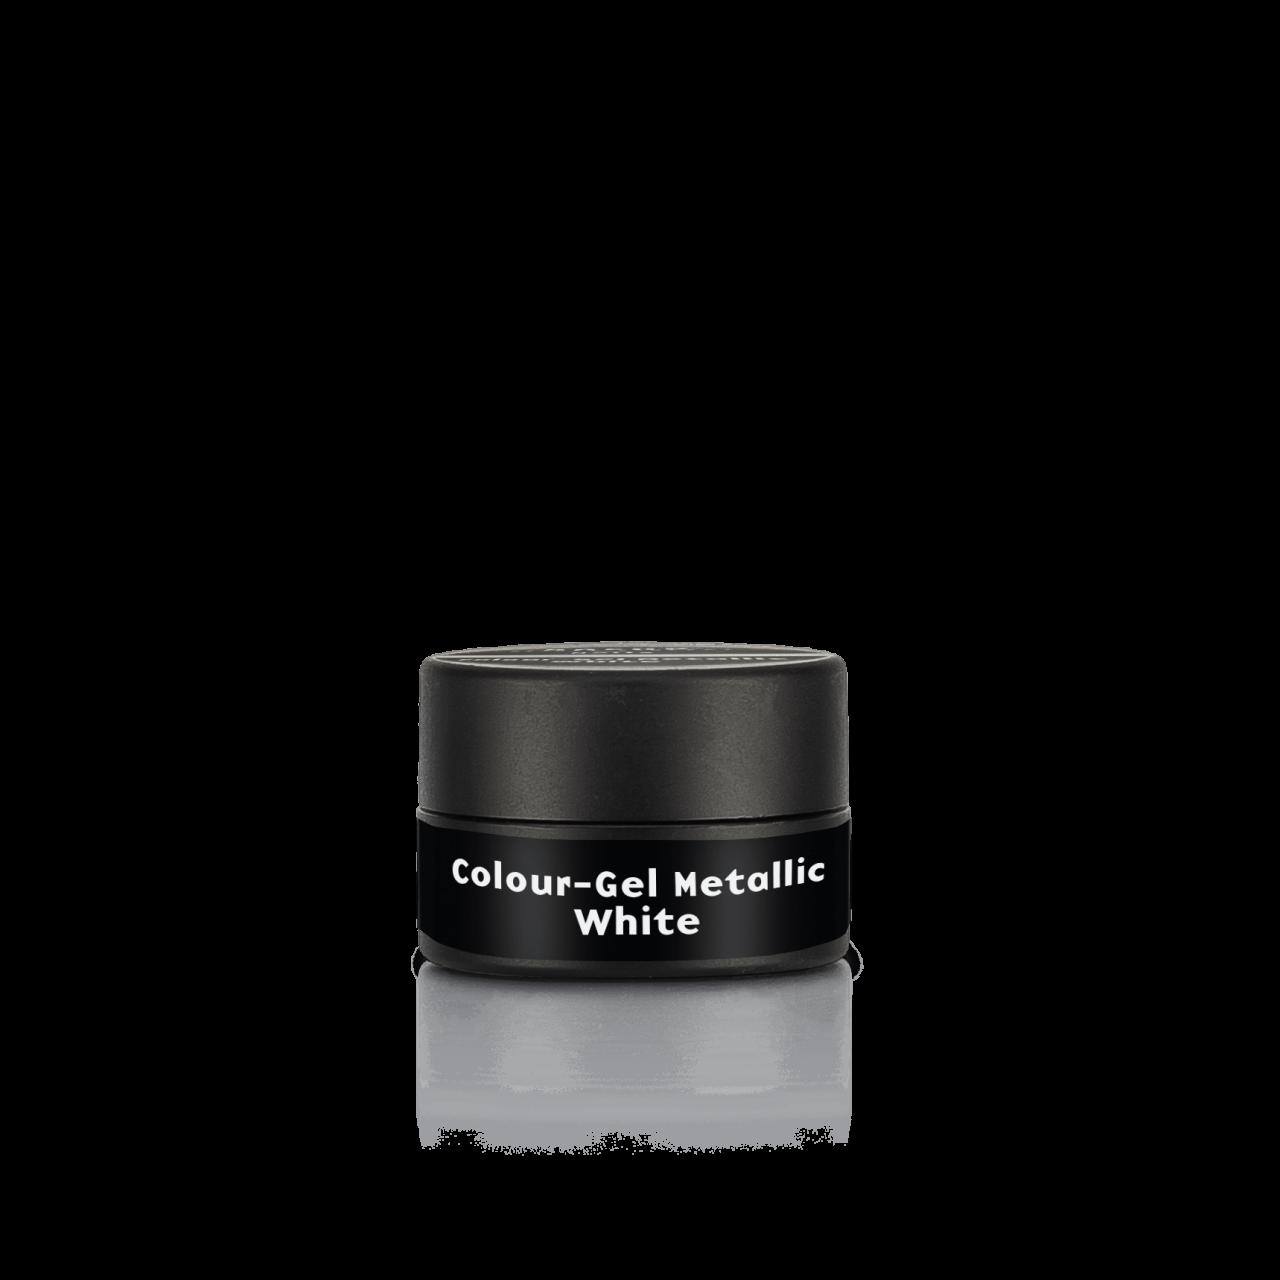 Colour-Gel Metallic White 5 ml